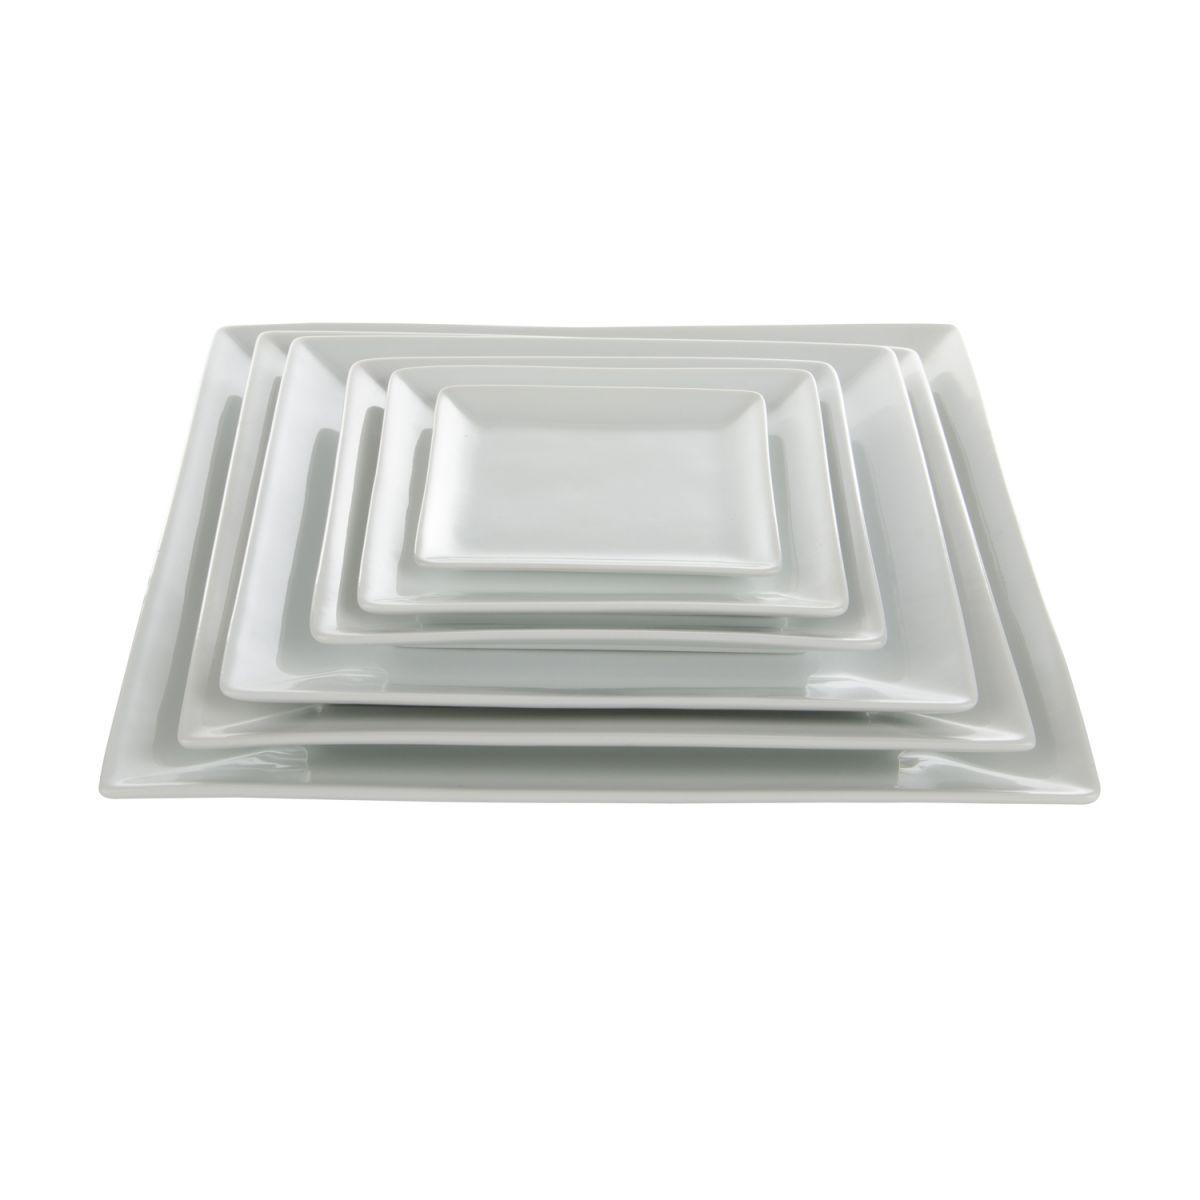 plate plain 24 x 24 porcelainbox6